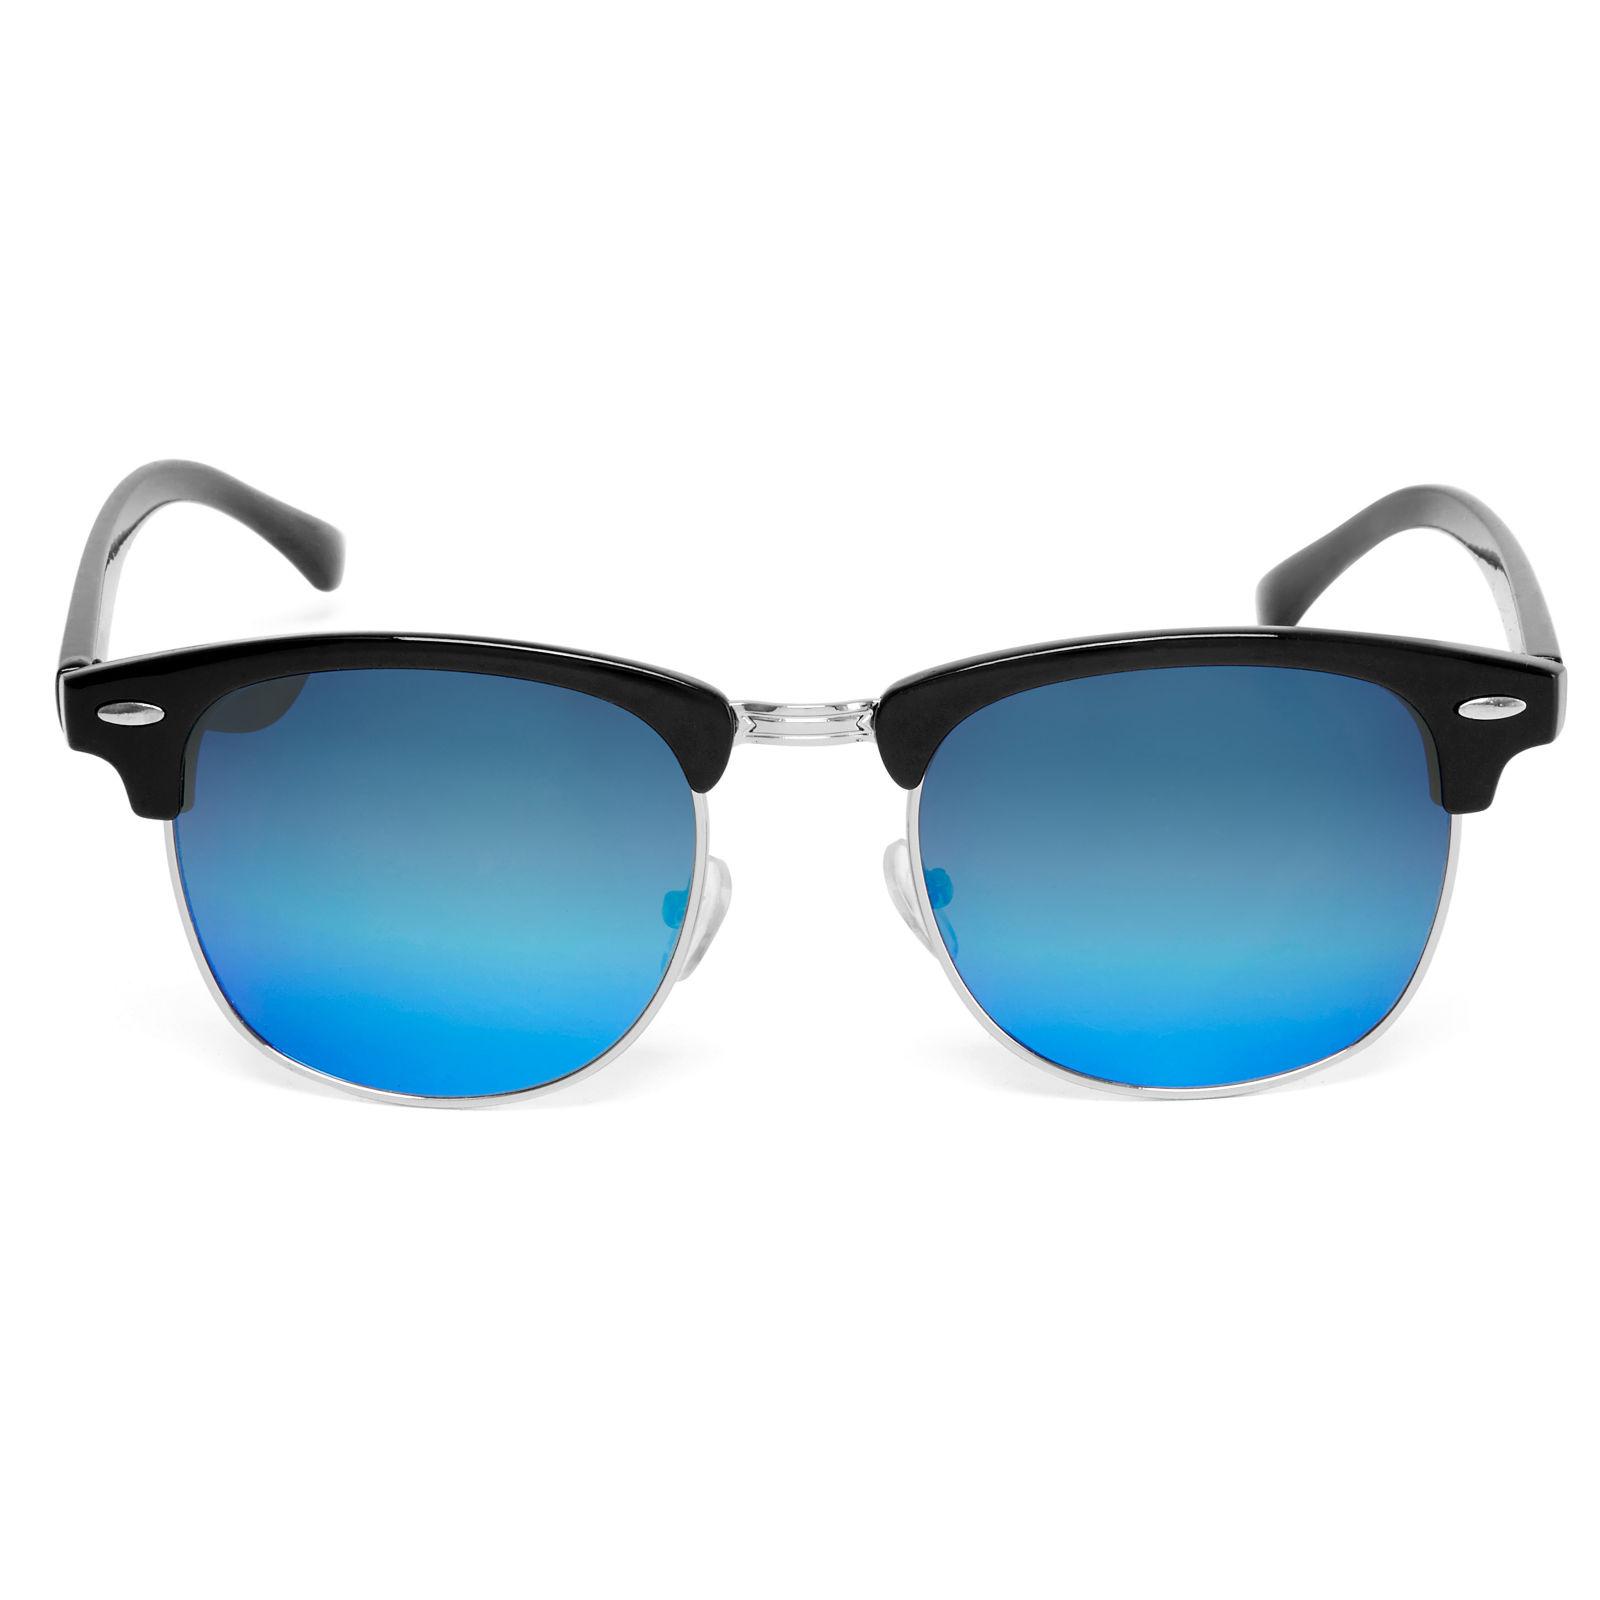 Schwarze Browline Sonnenbrille Mit Blau Verspiegelten ...